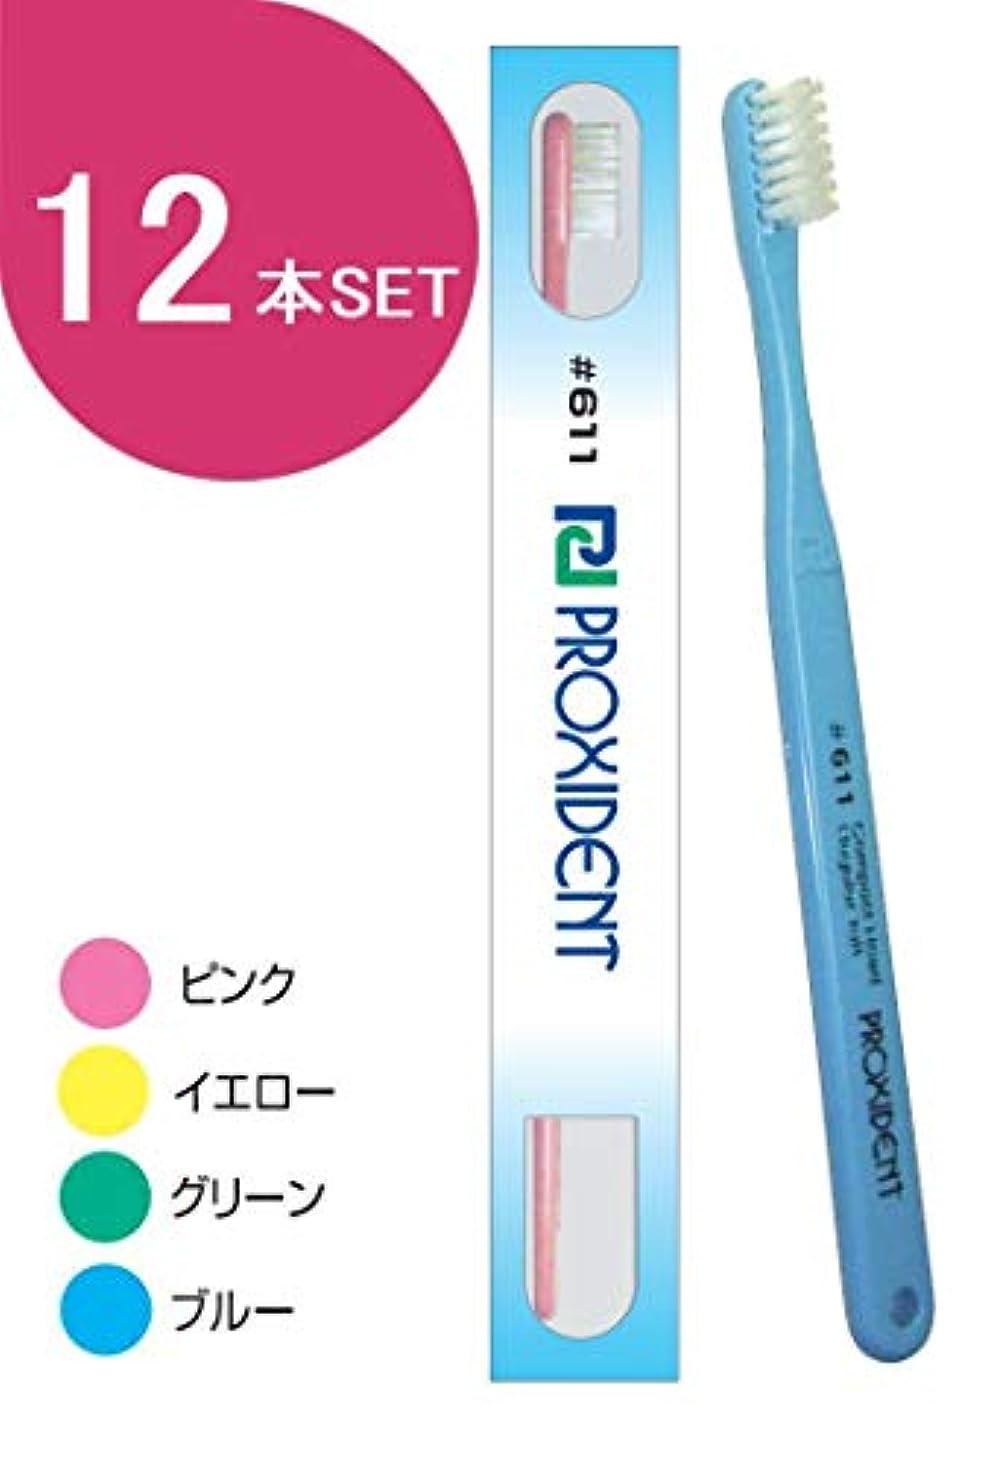 不忠シングル集中プローデント プロキシデント コンパクト レギュラータフト 歯ブラシ #611 (12本)